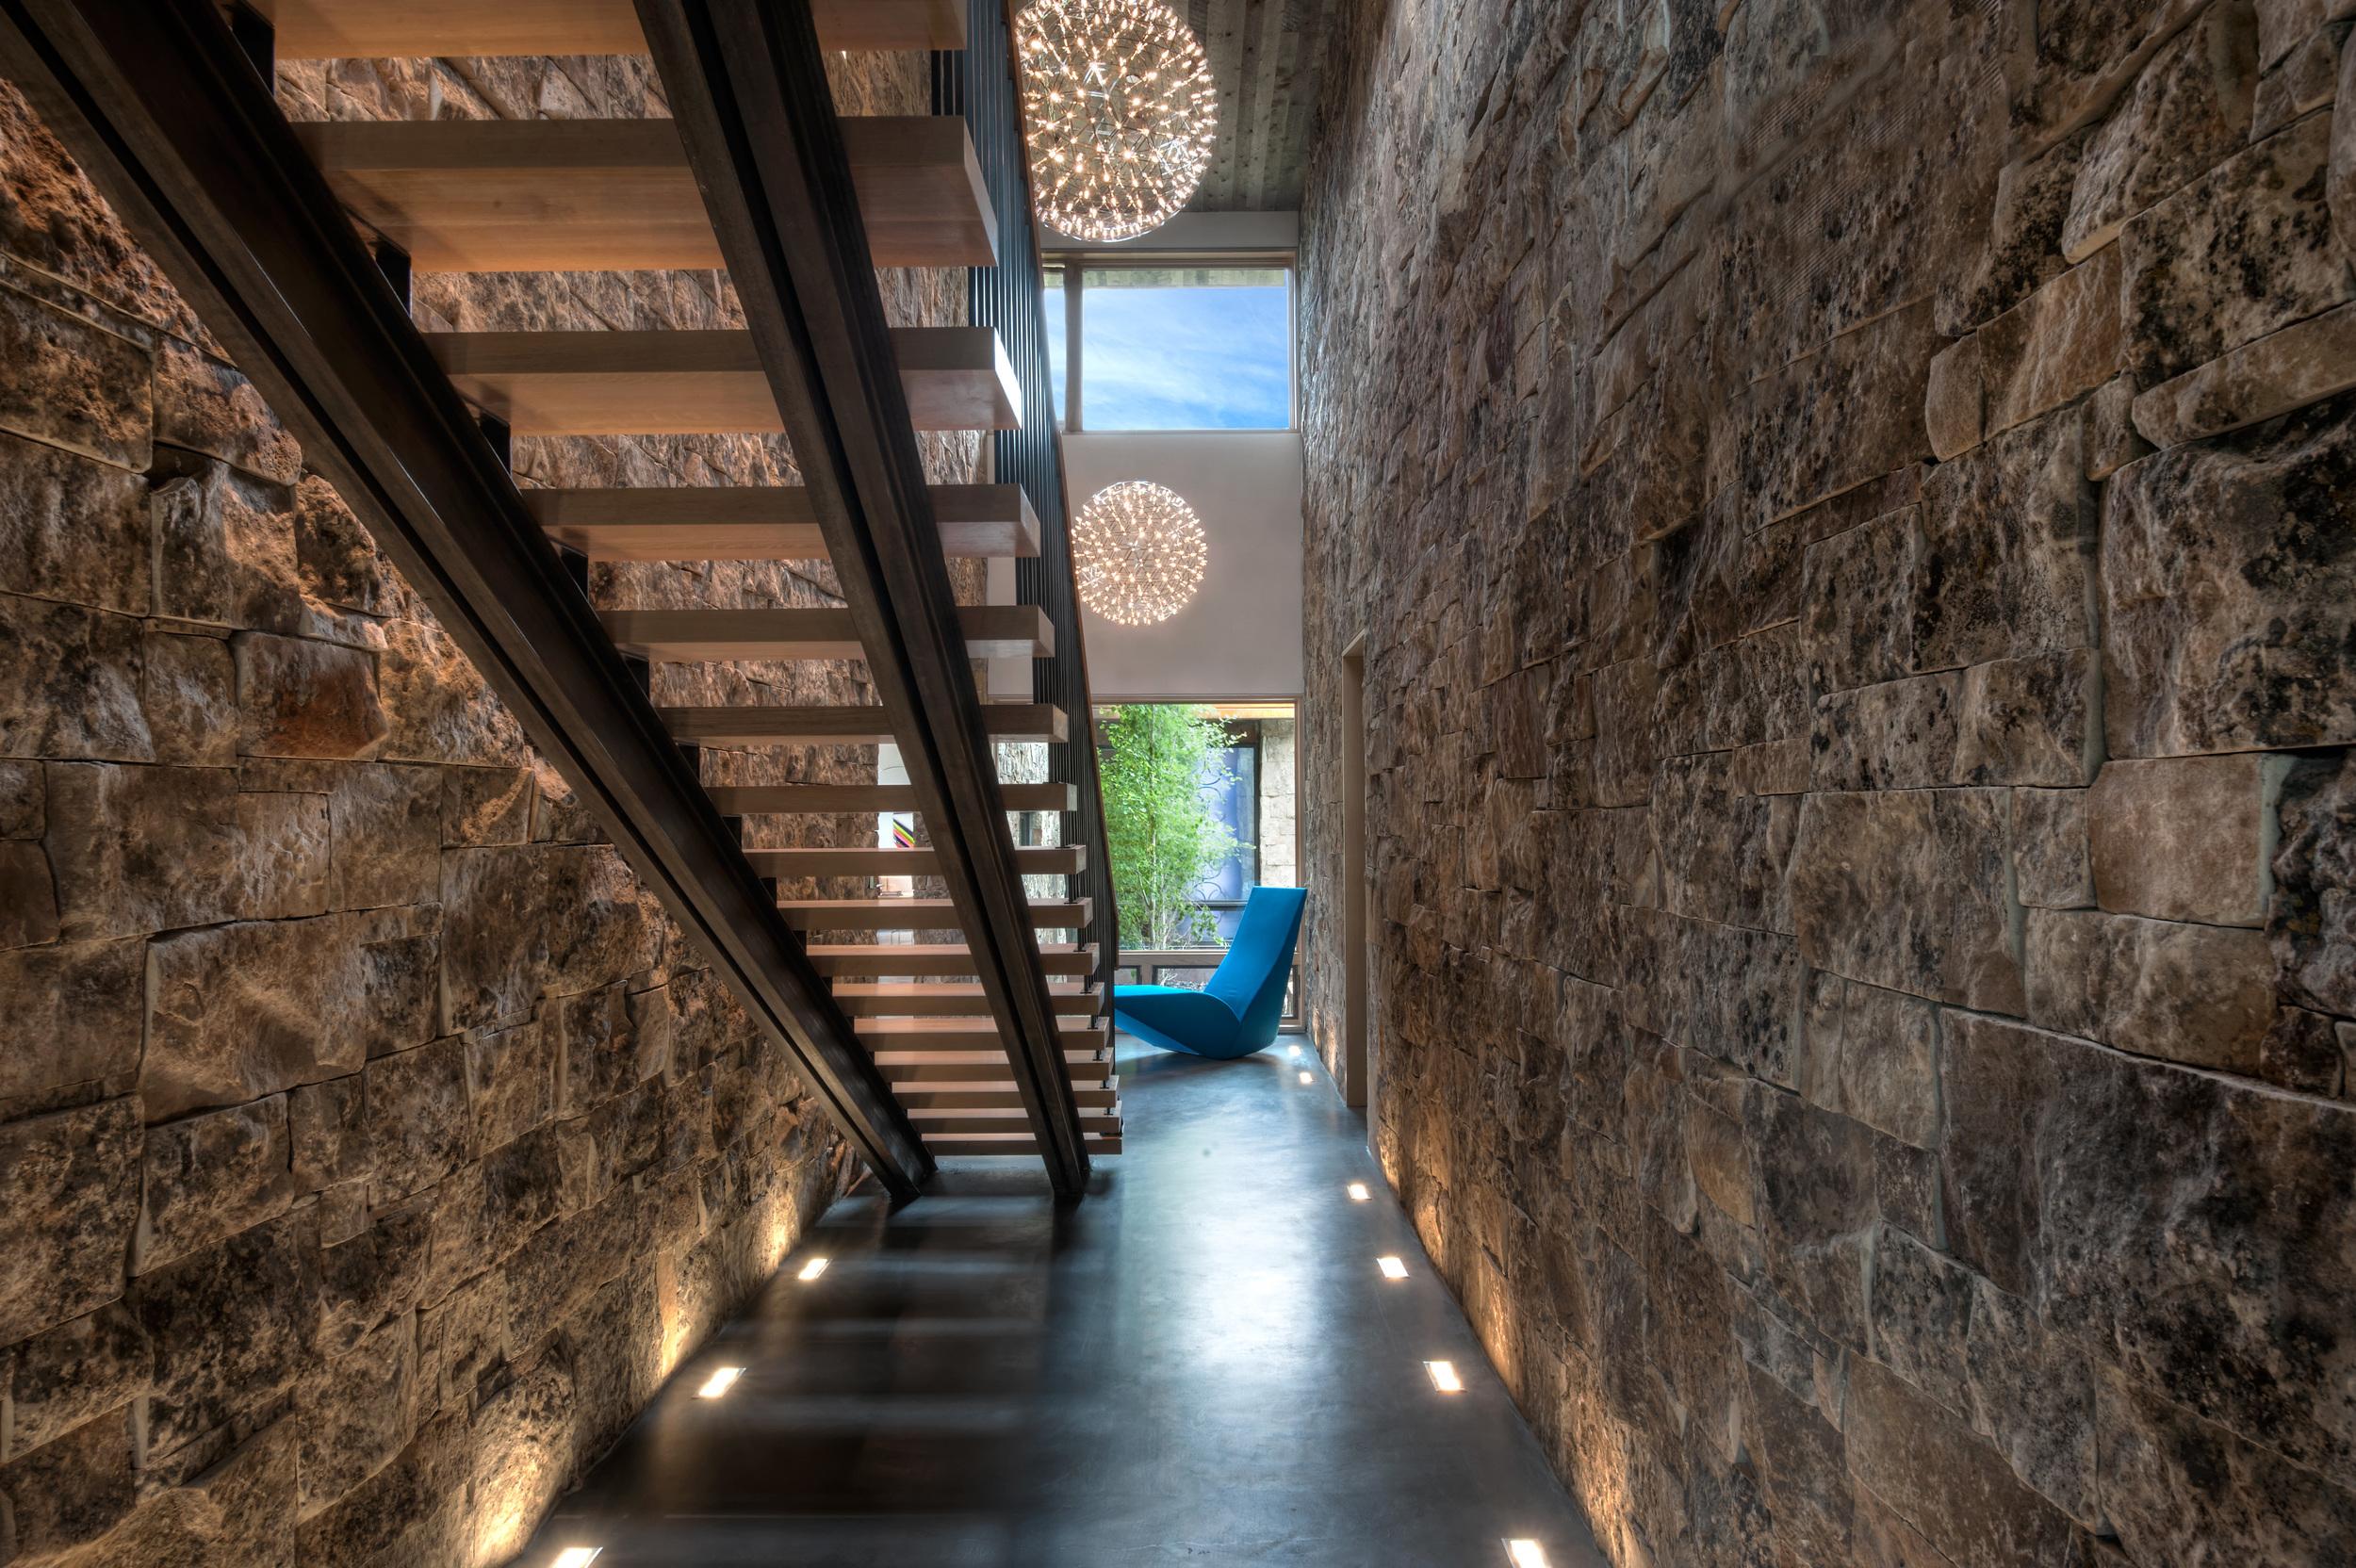 1407_Porteus_Stairwell_Lower_2276_94.jpg